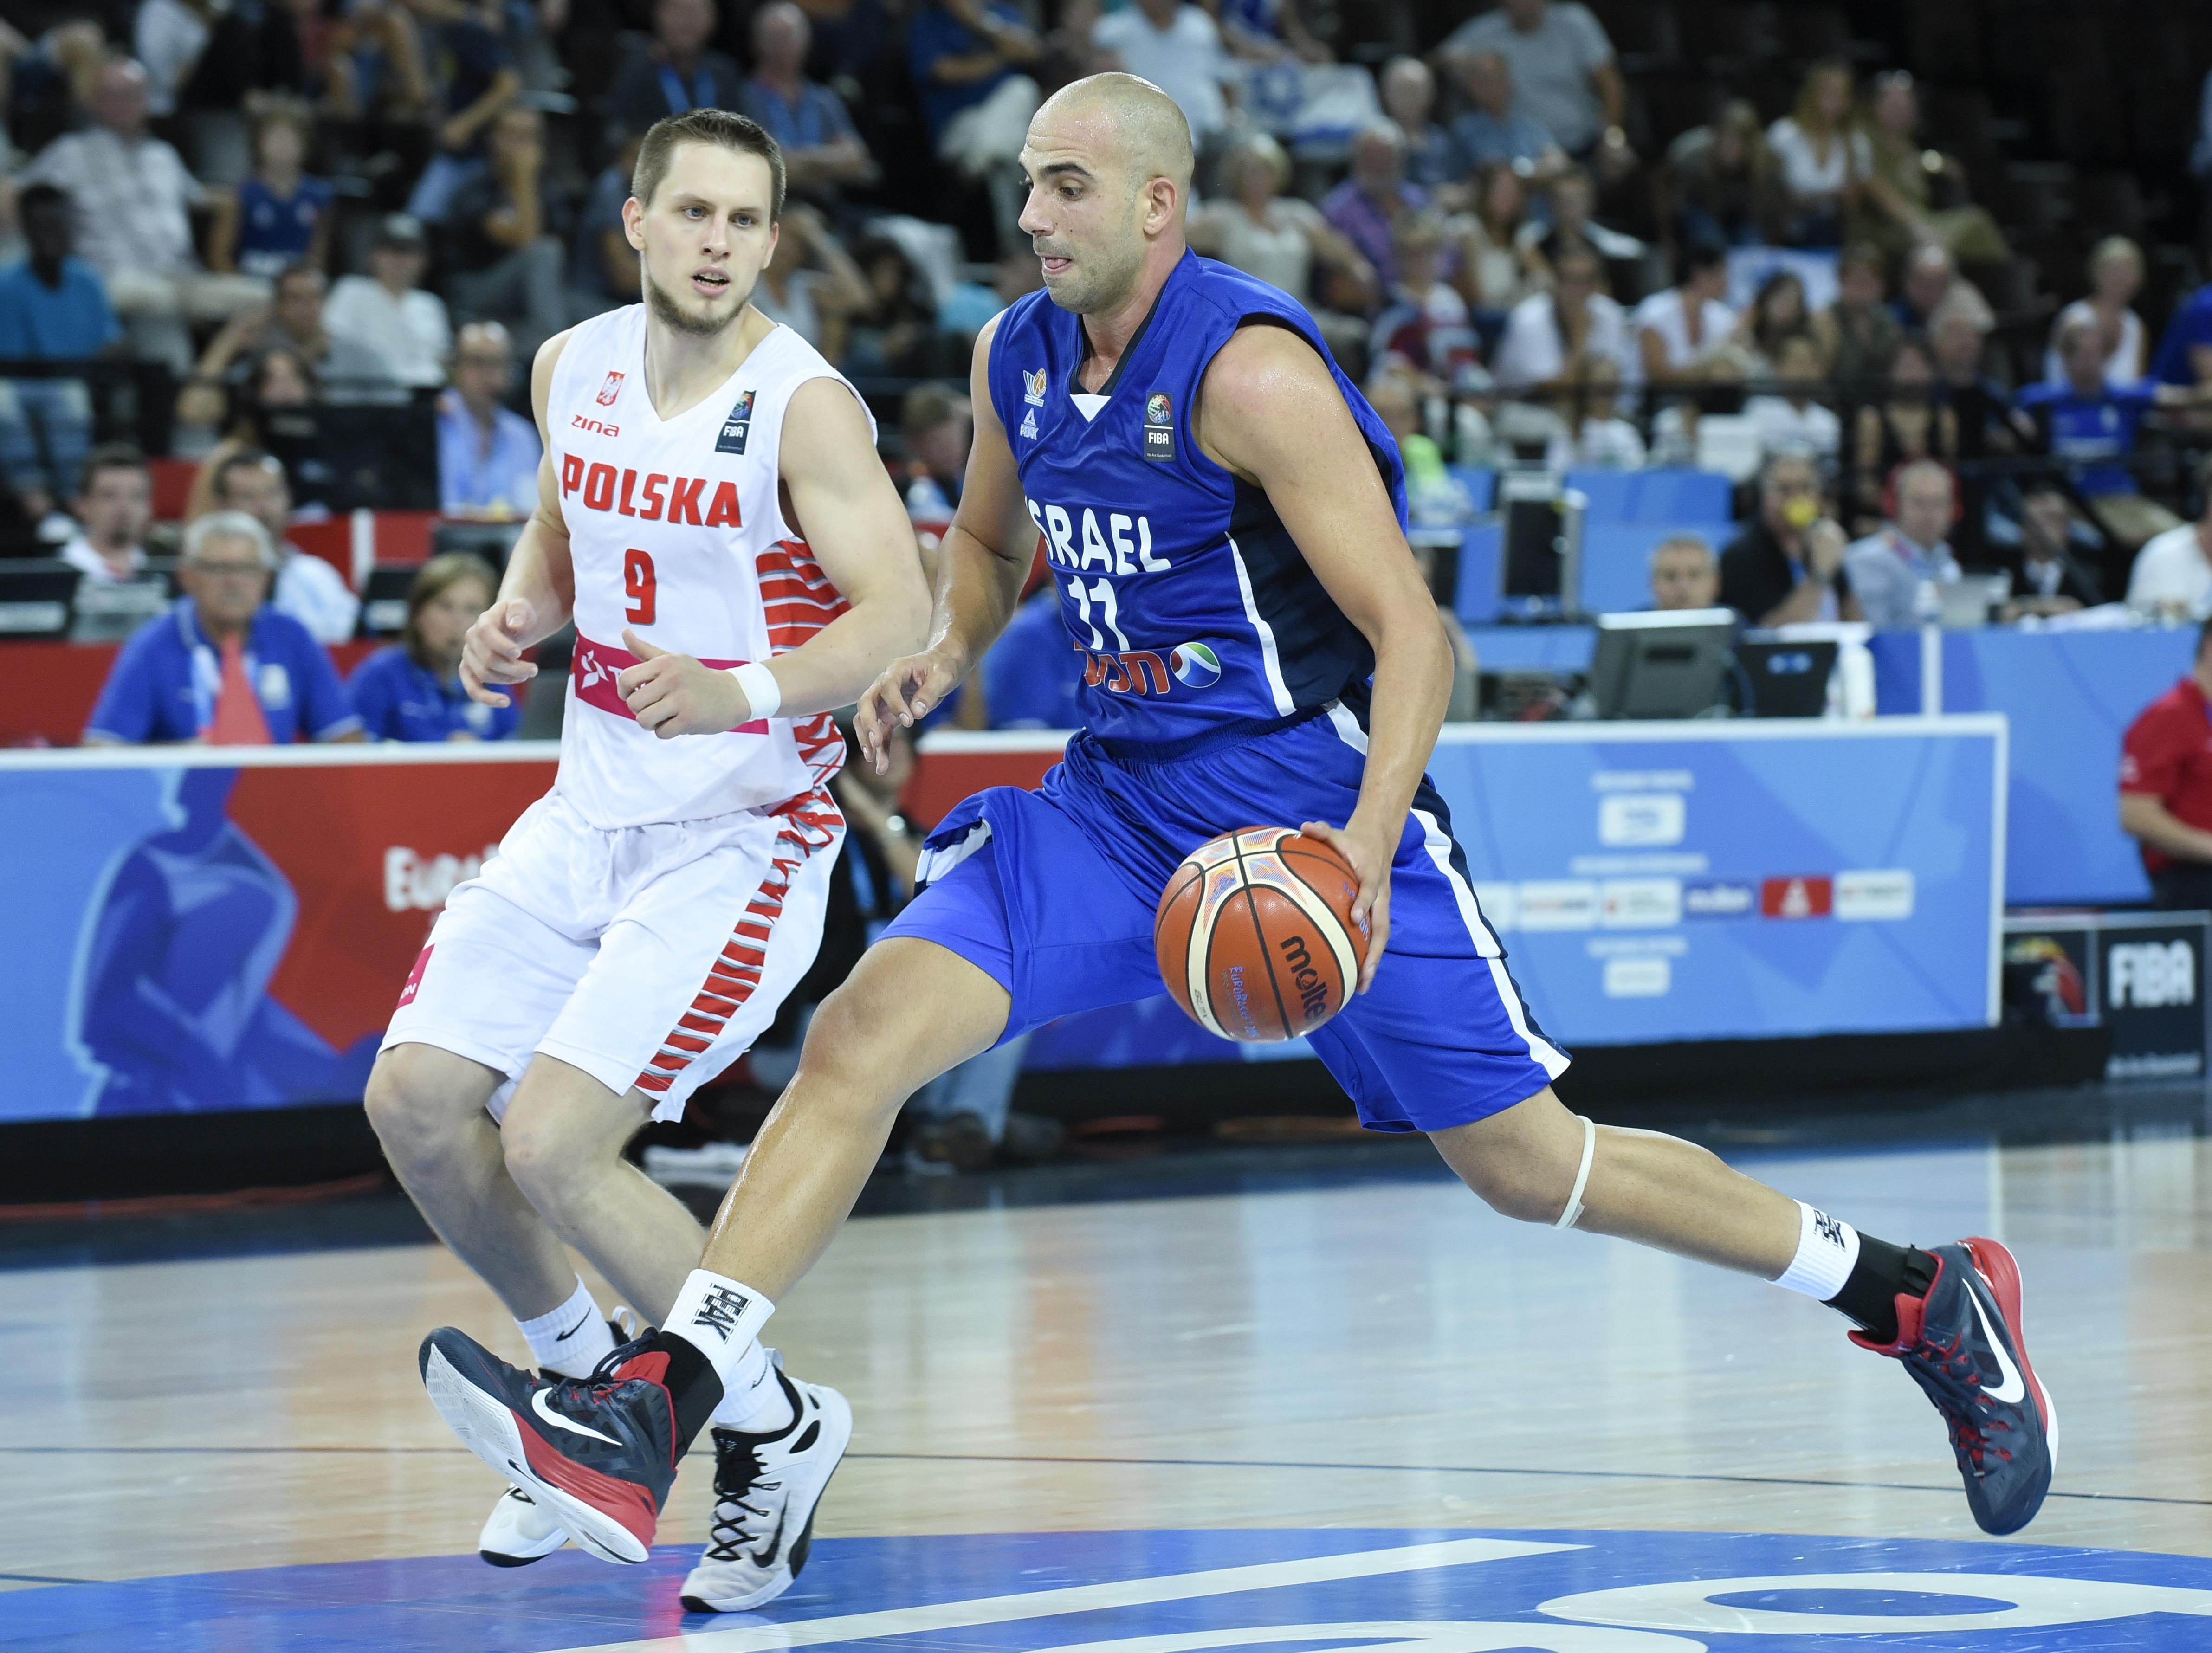 ישראל הפסידה לצרפת וסיימה שניה. היריבה: איטליה